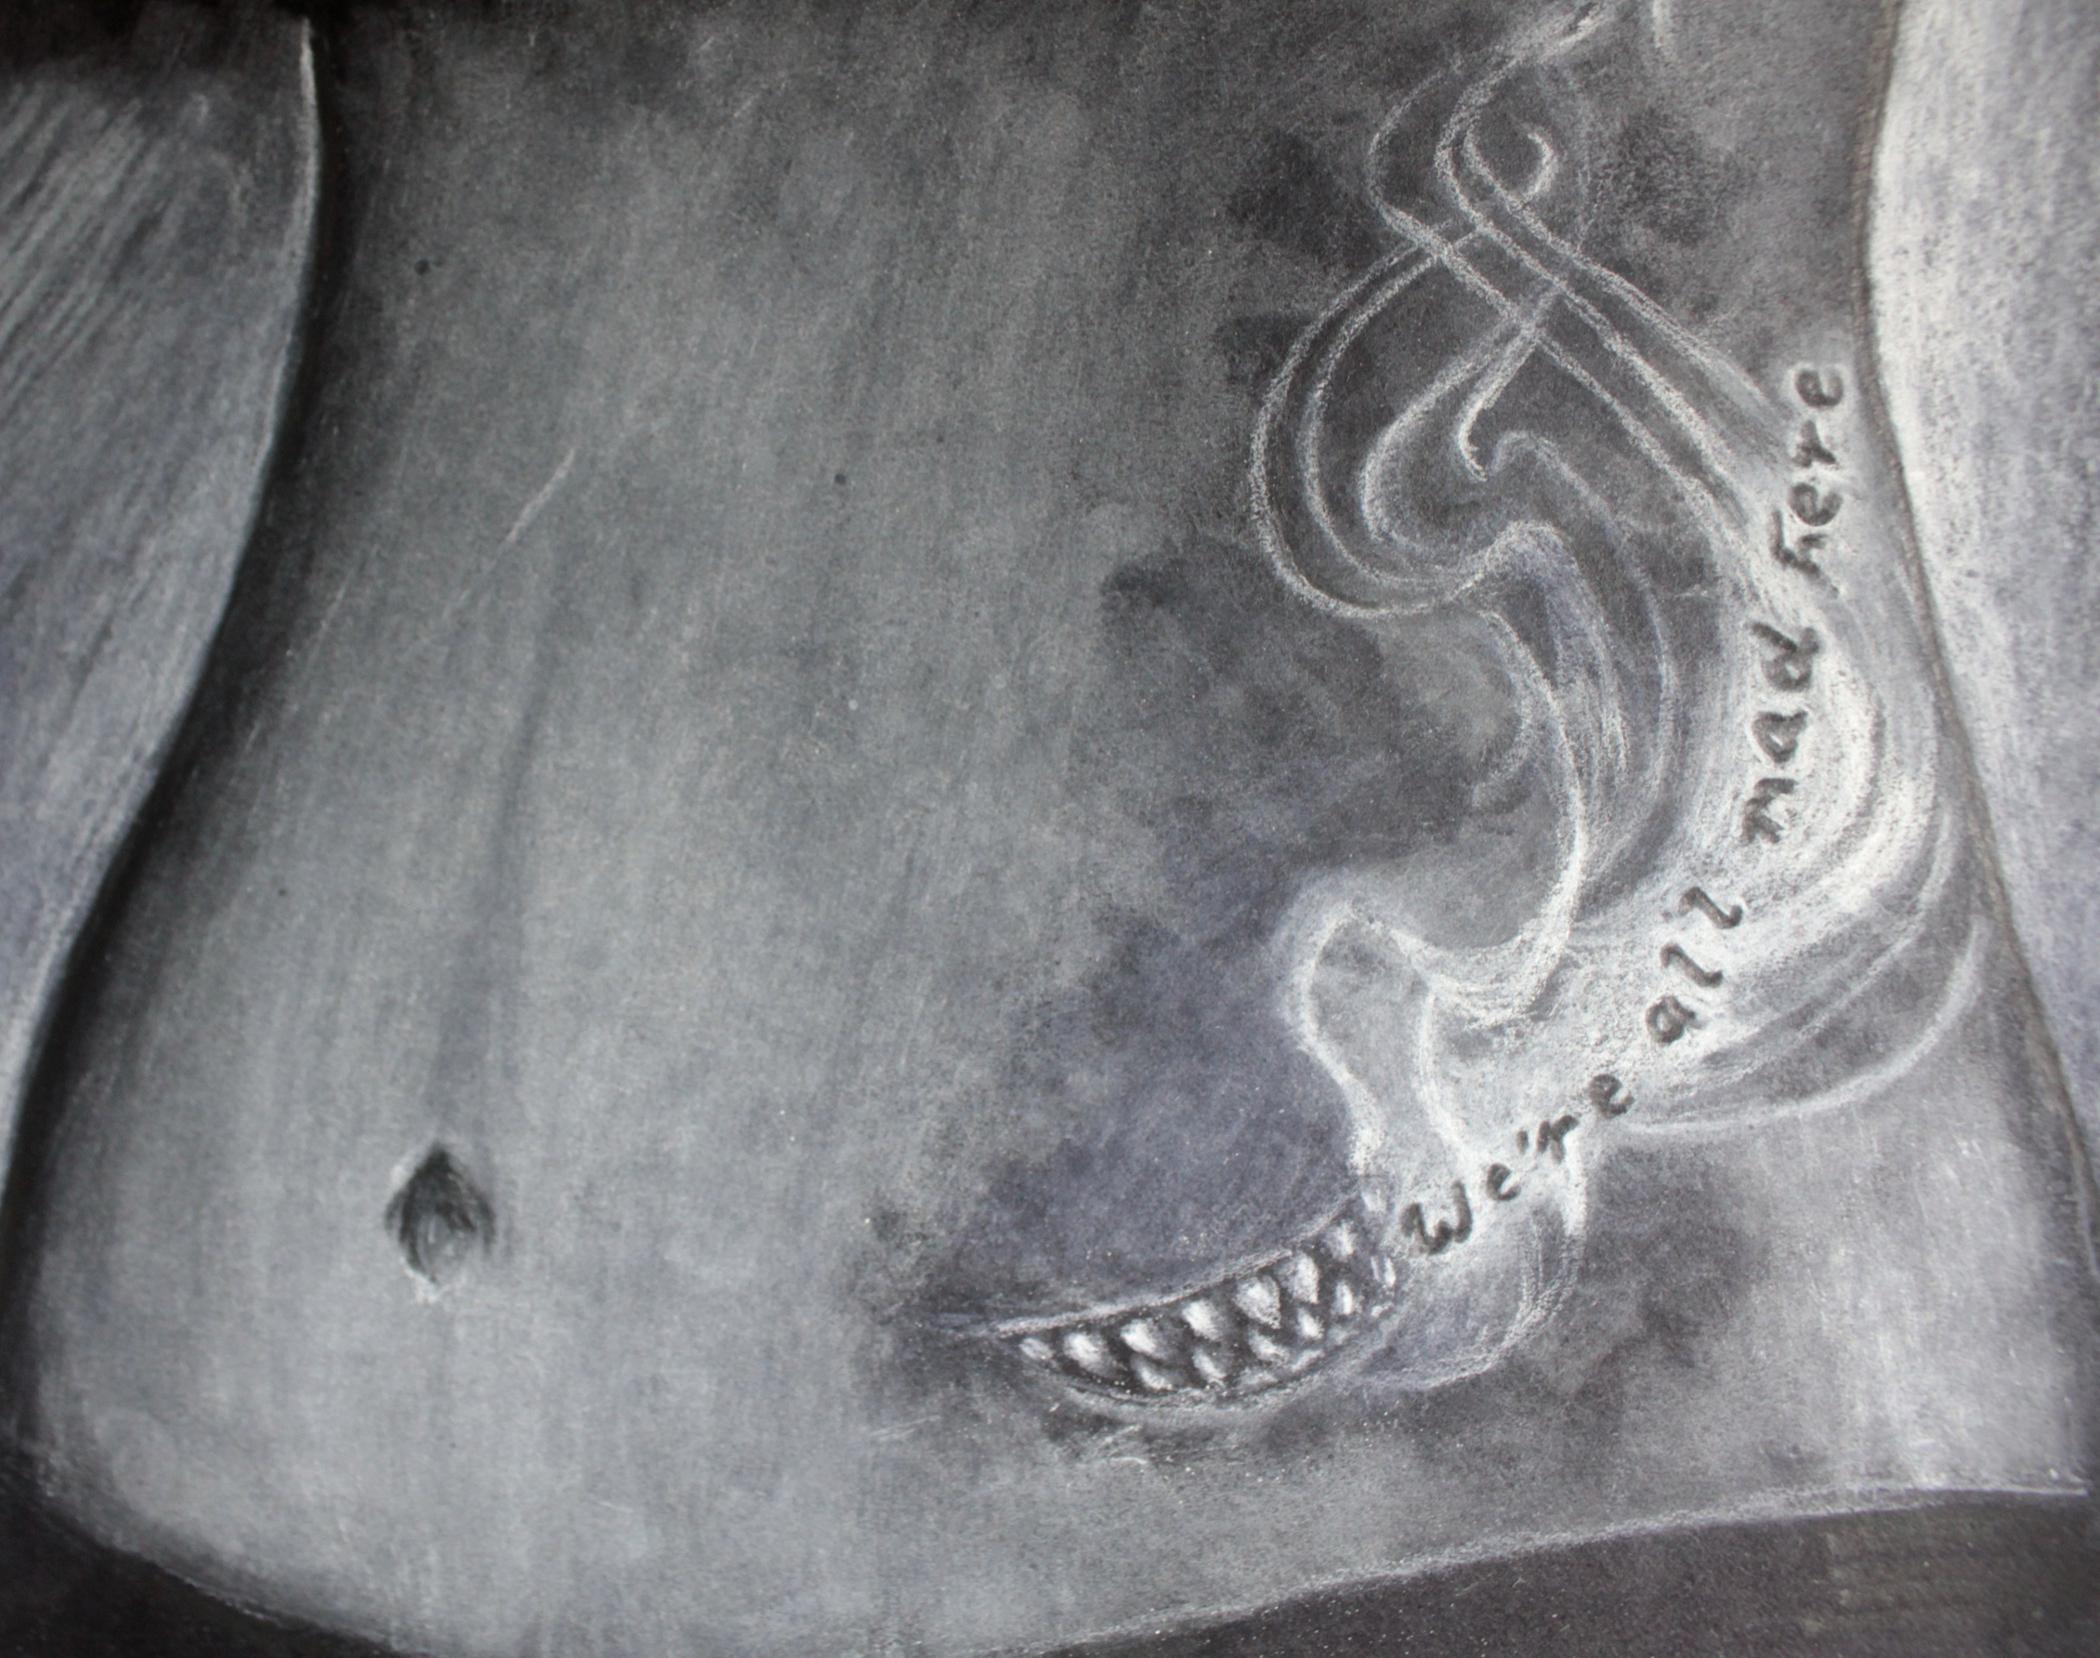 Cheshire Smile Tattoo